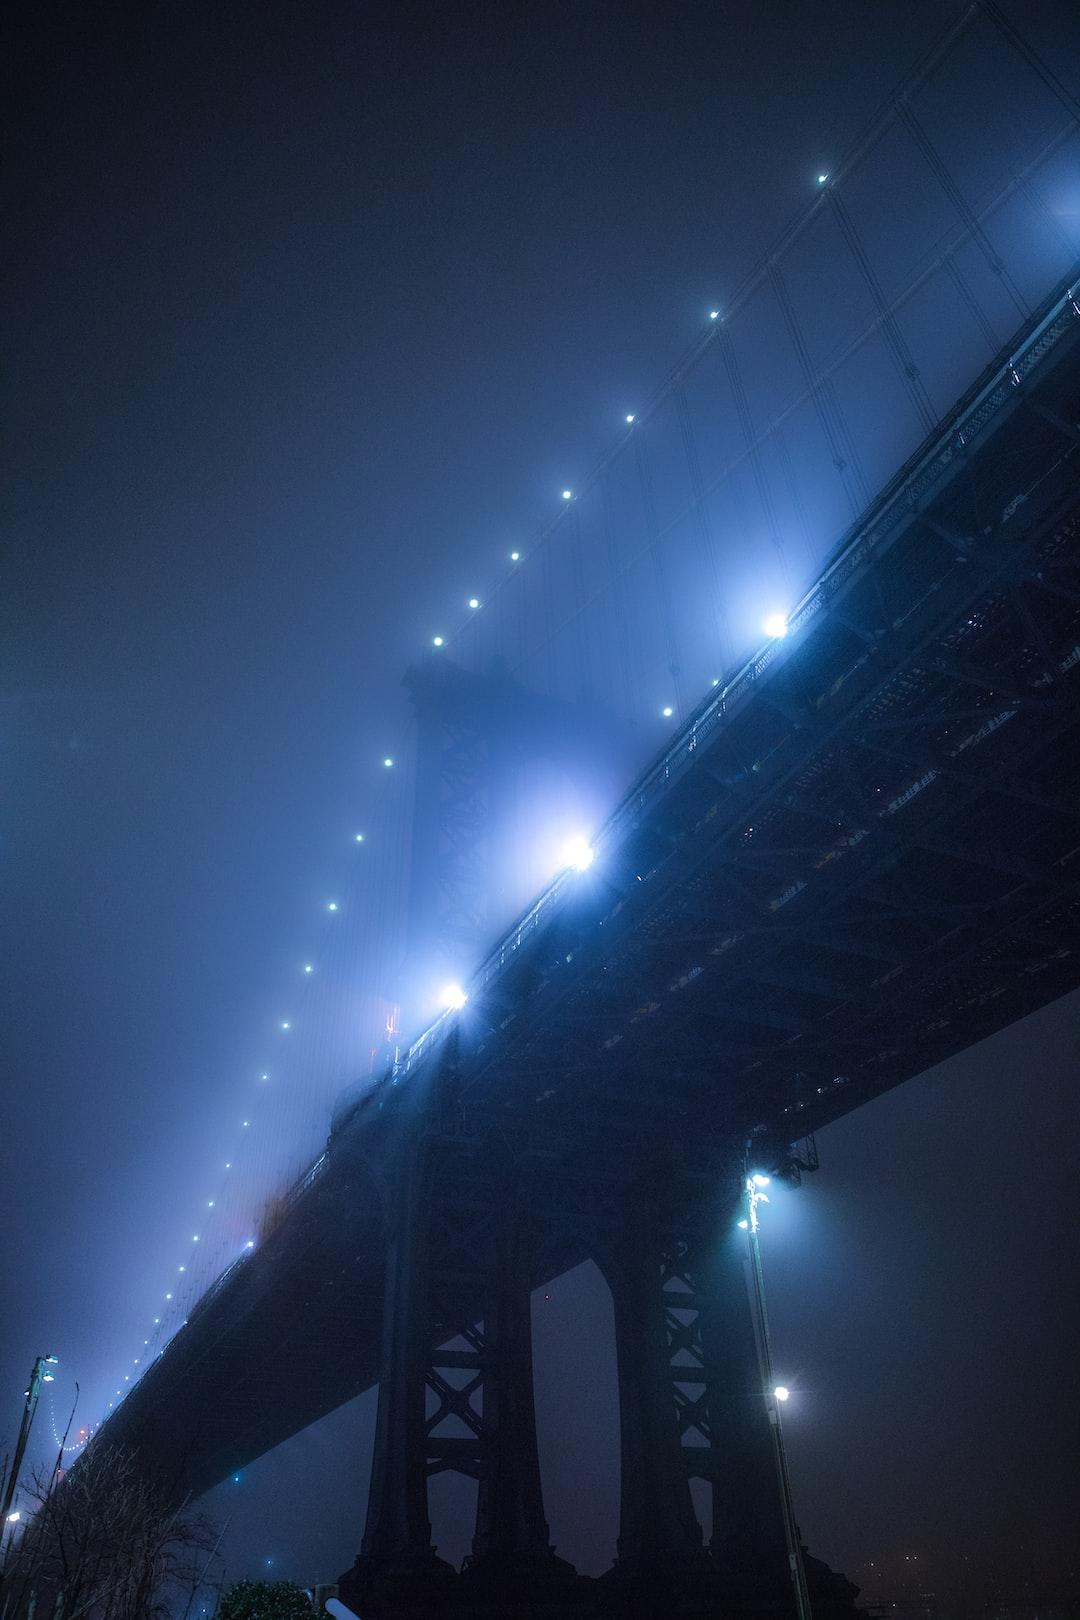 The Lost Bridge.